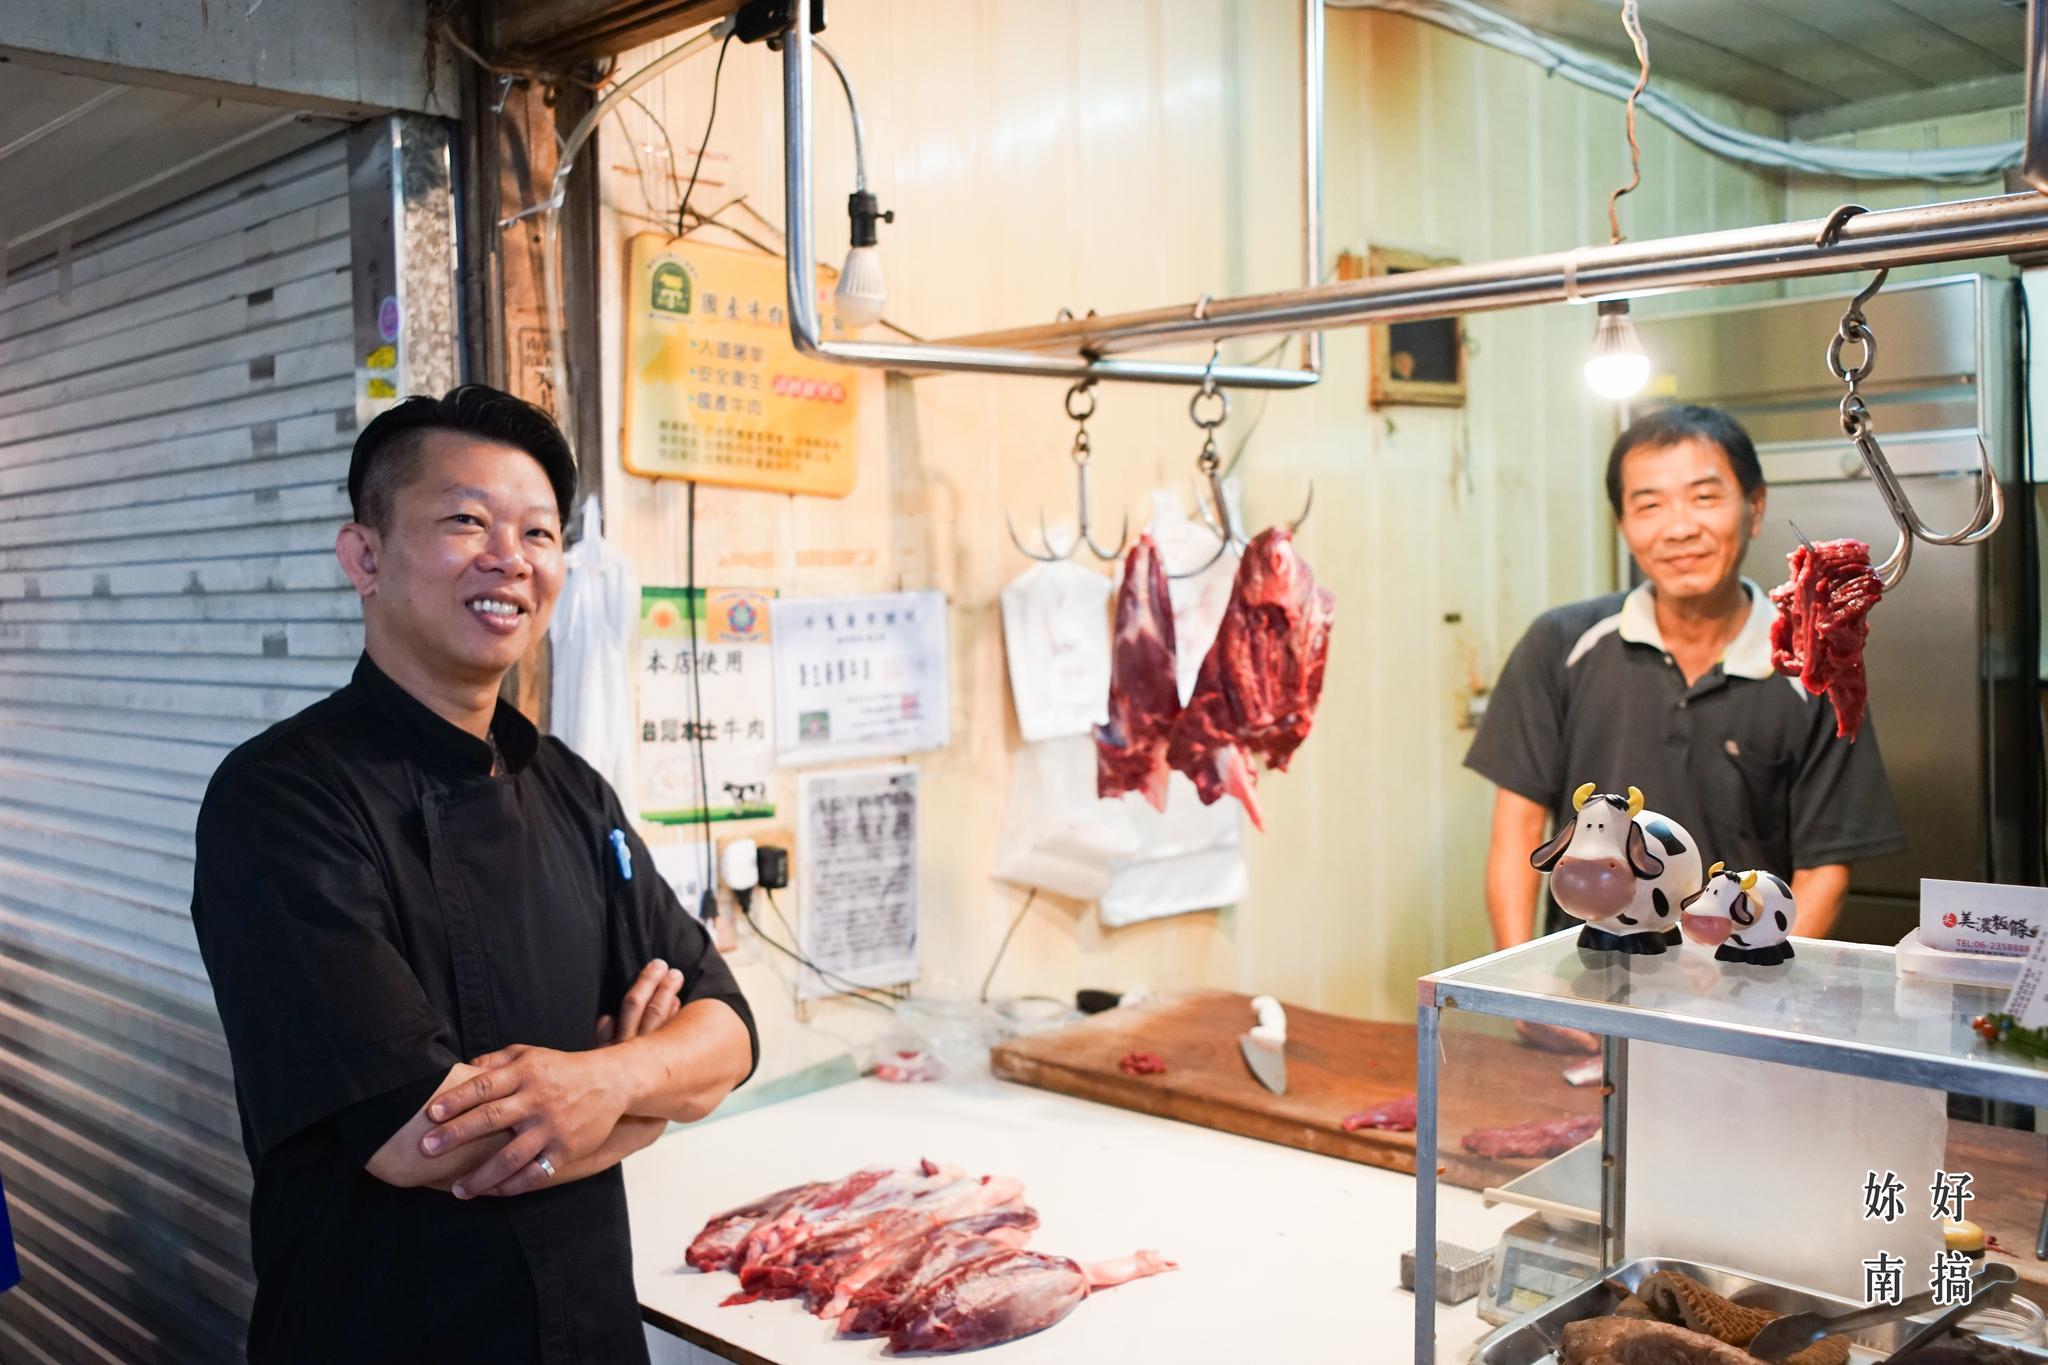 台南旅遊-主廚的菜籃子-10-妳好南搞